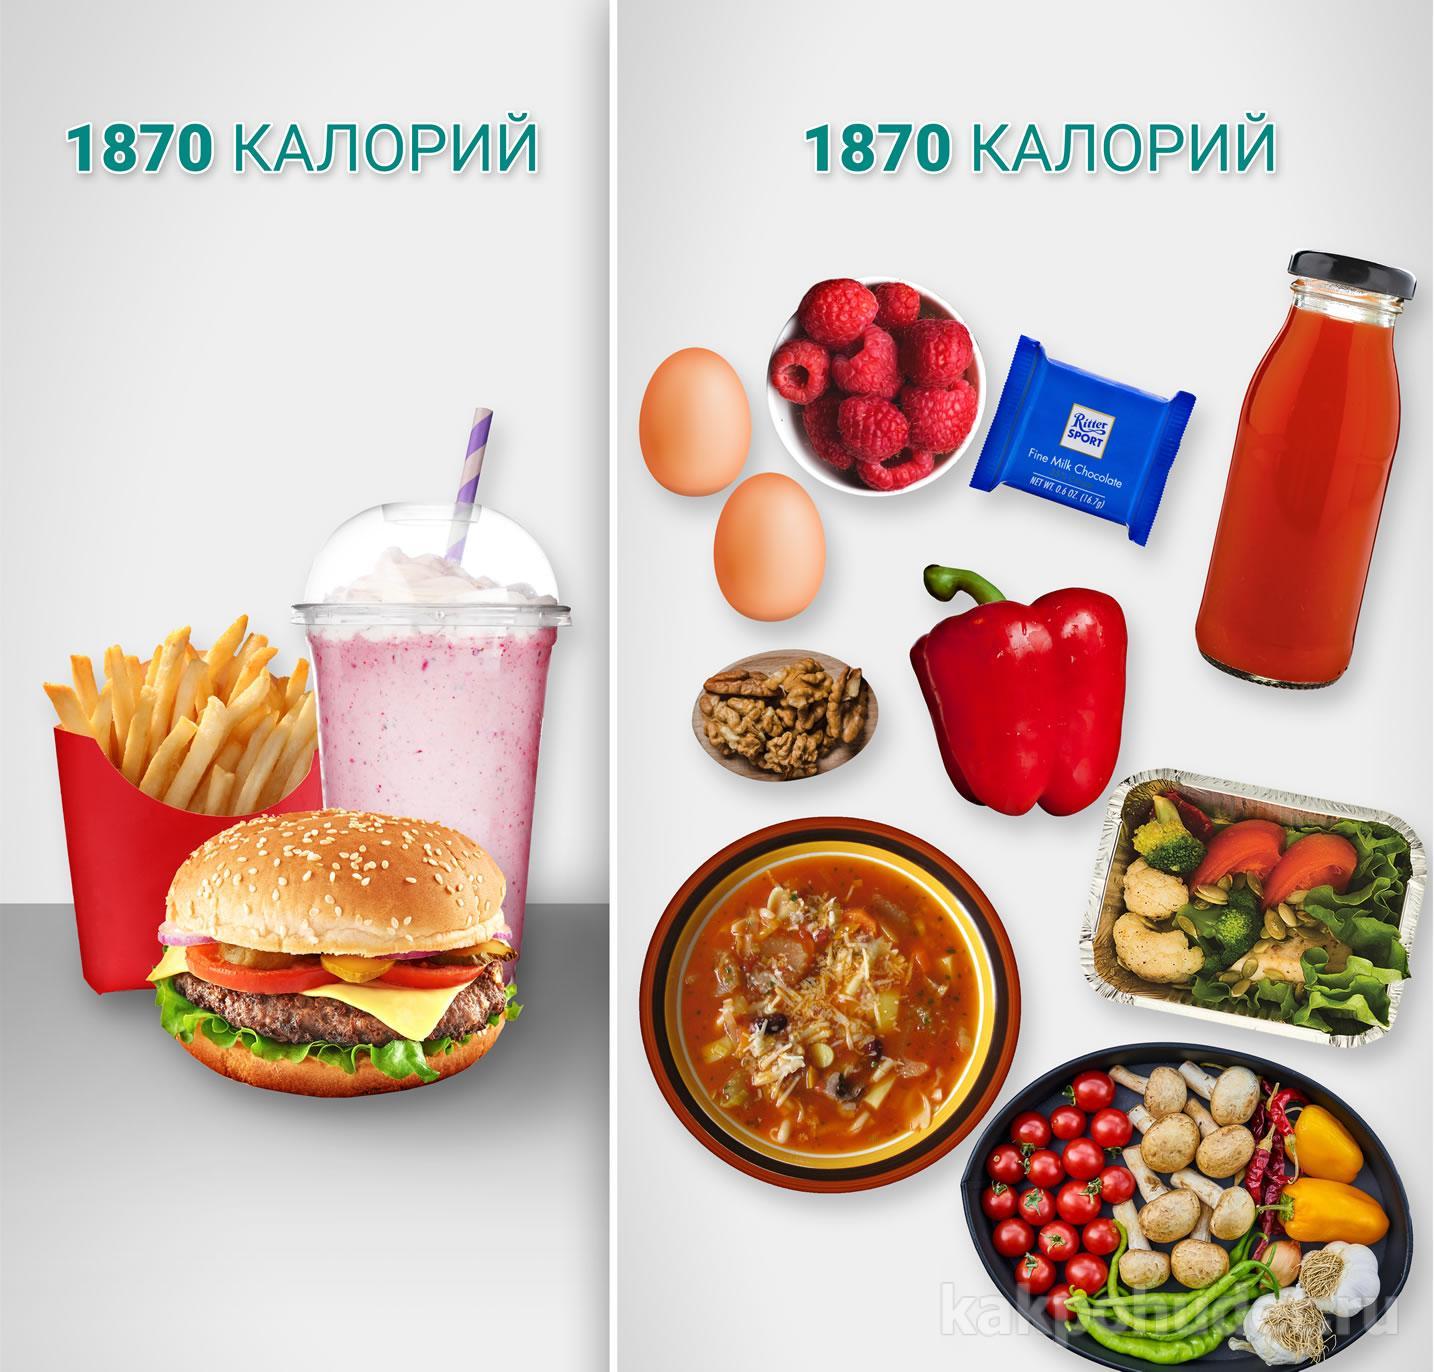 Сравните два варианта приёма пищи